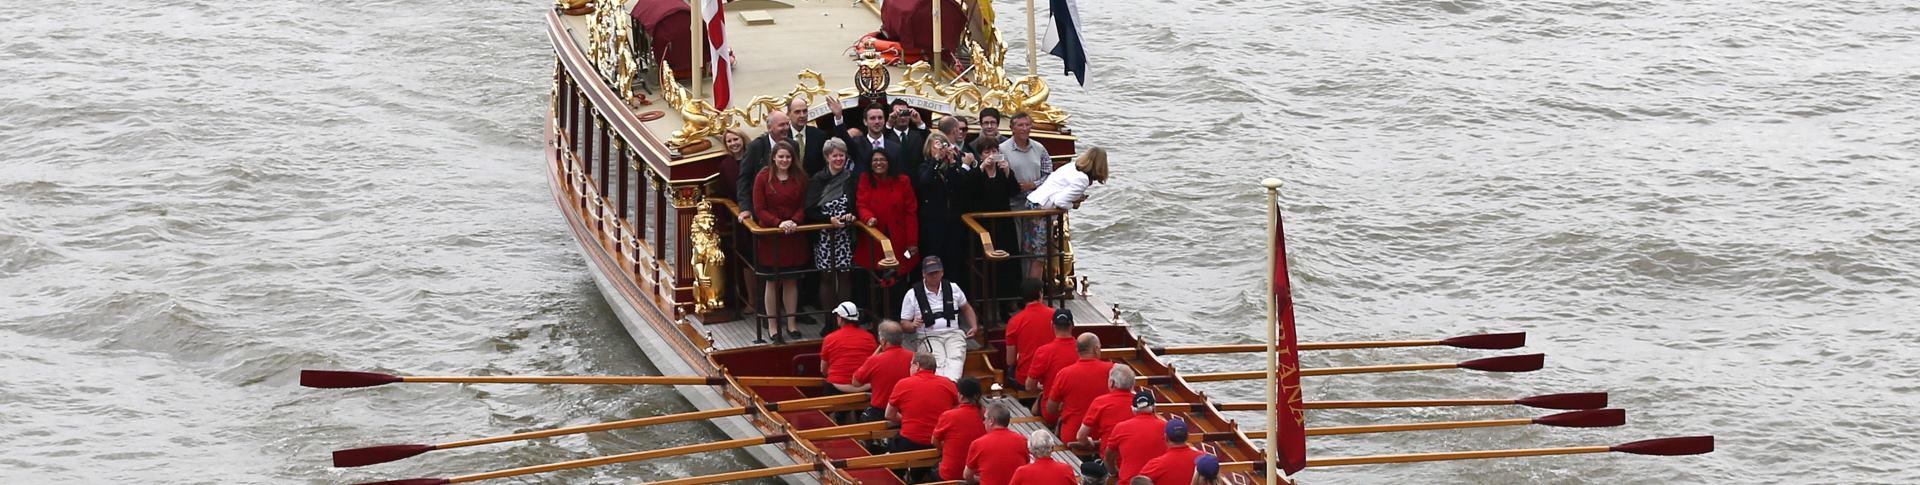 POČAST Ceremonija na rijeci Temzi u čast kraljice Elizabete